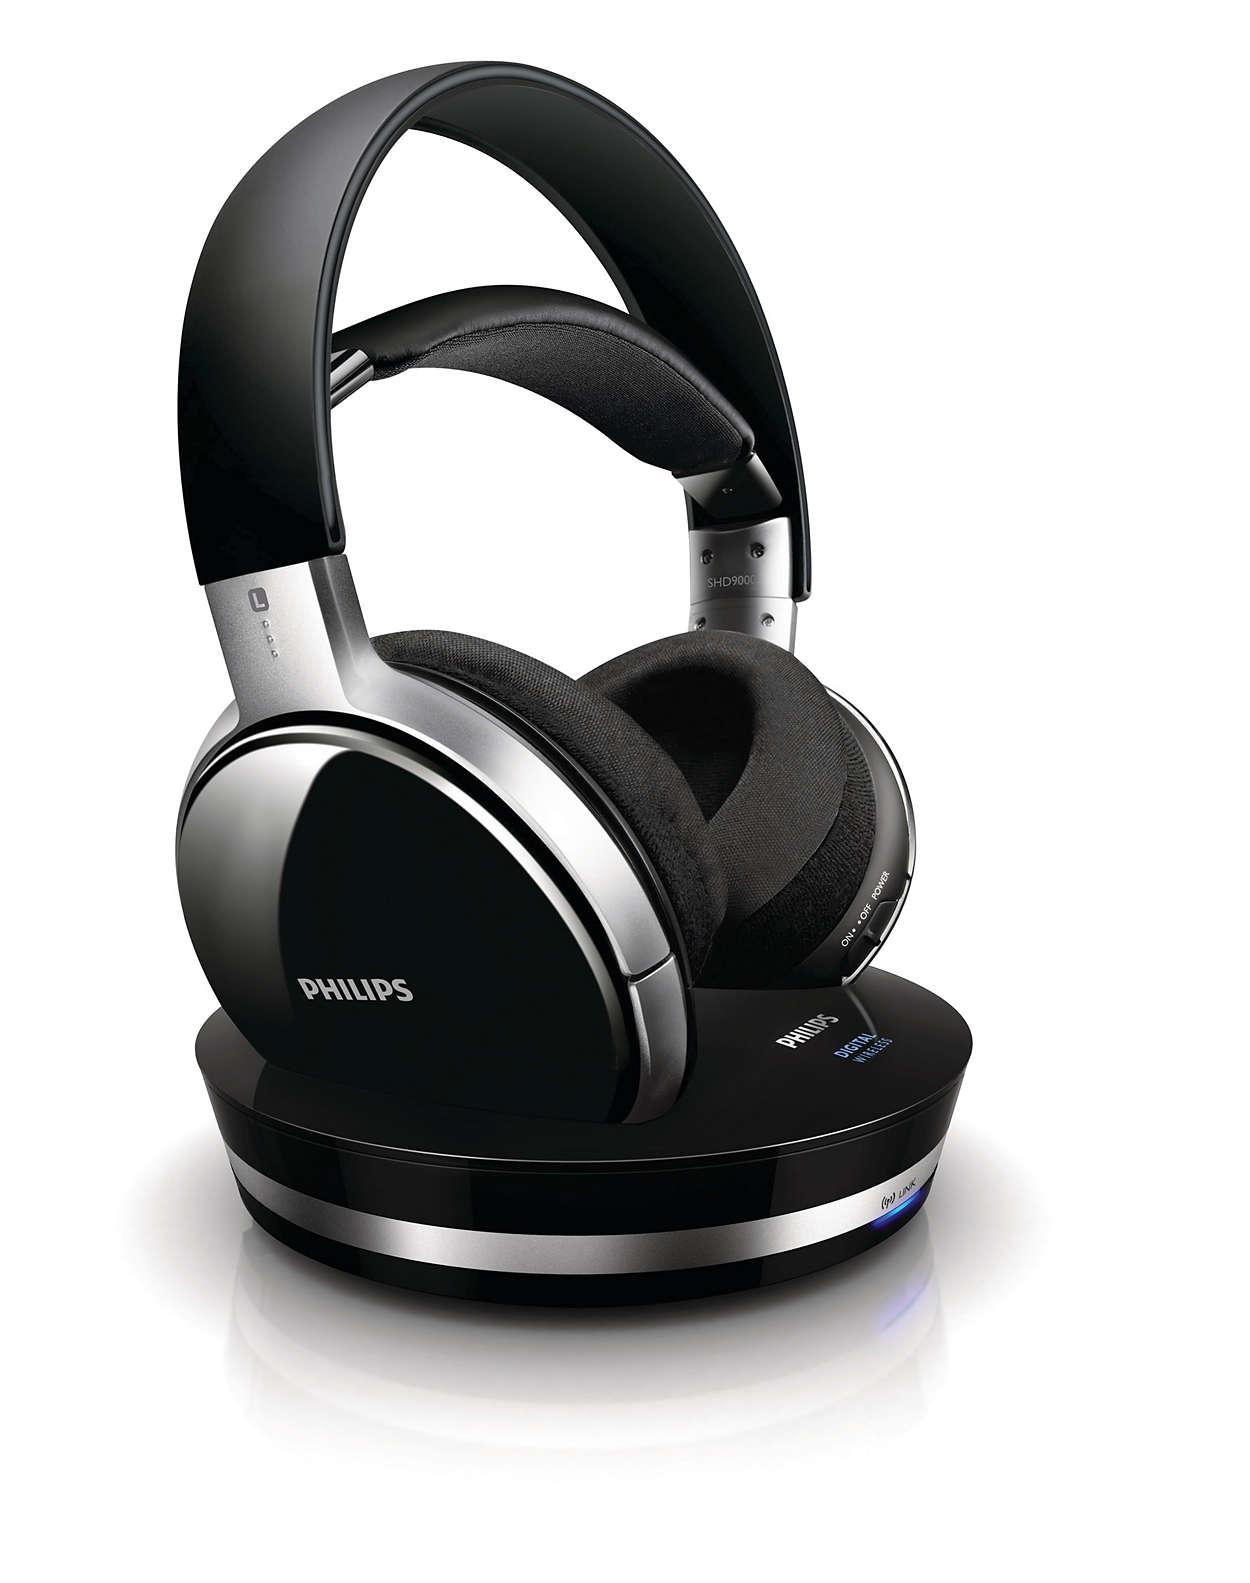 Ægte CD-lydkvalitet med digital trådløs